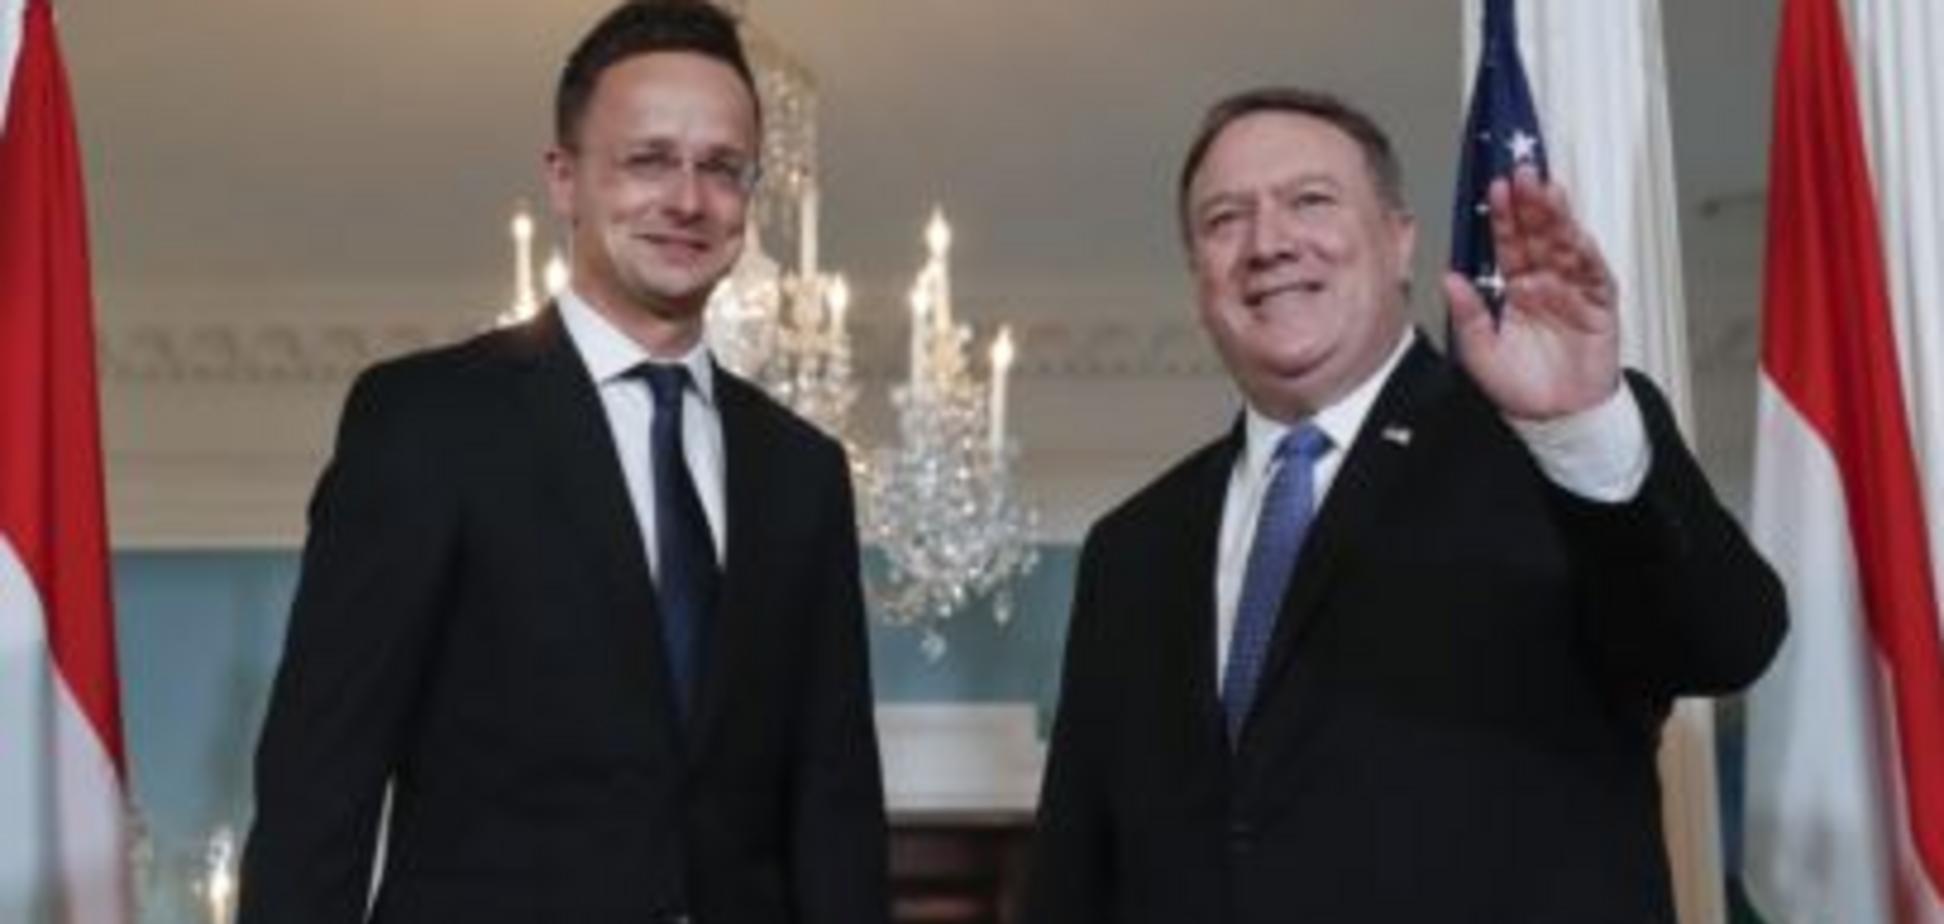 Помпео бачить, чиї вуха стирчать за угорсько-українським конфліктом